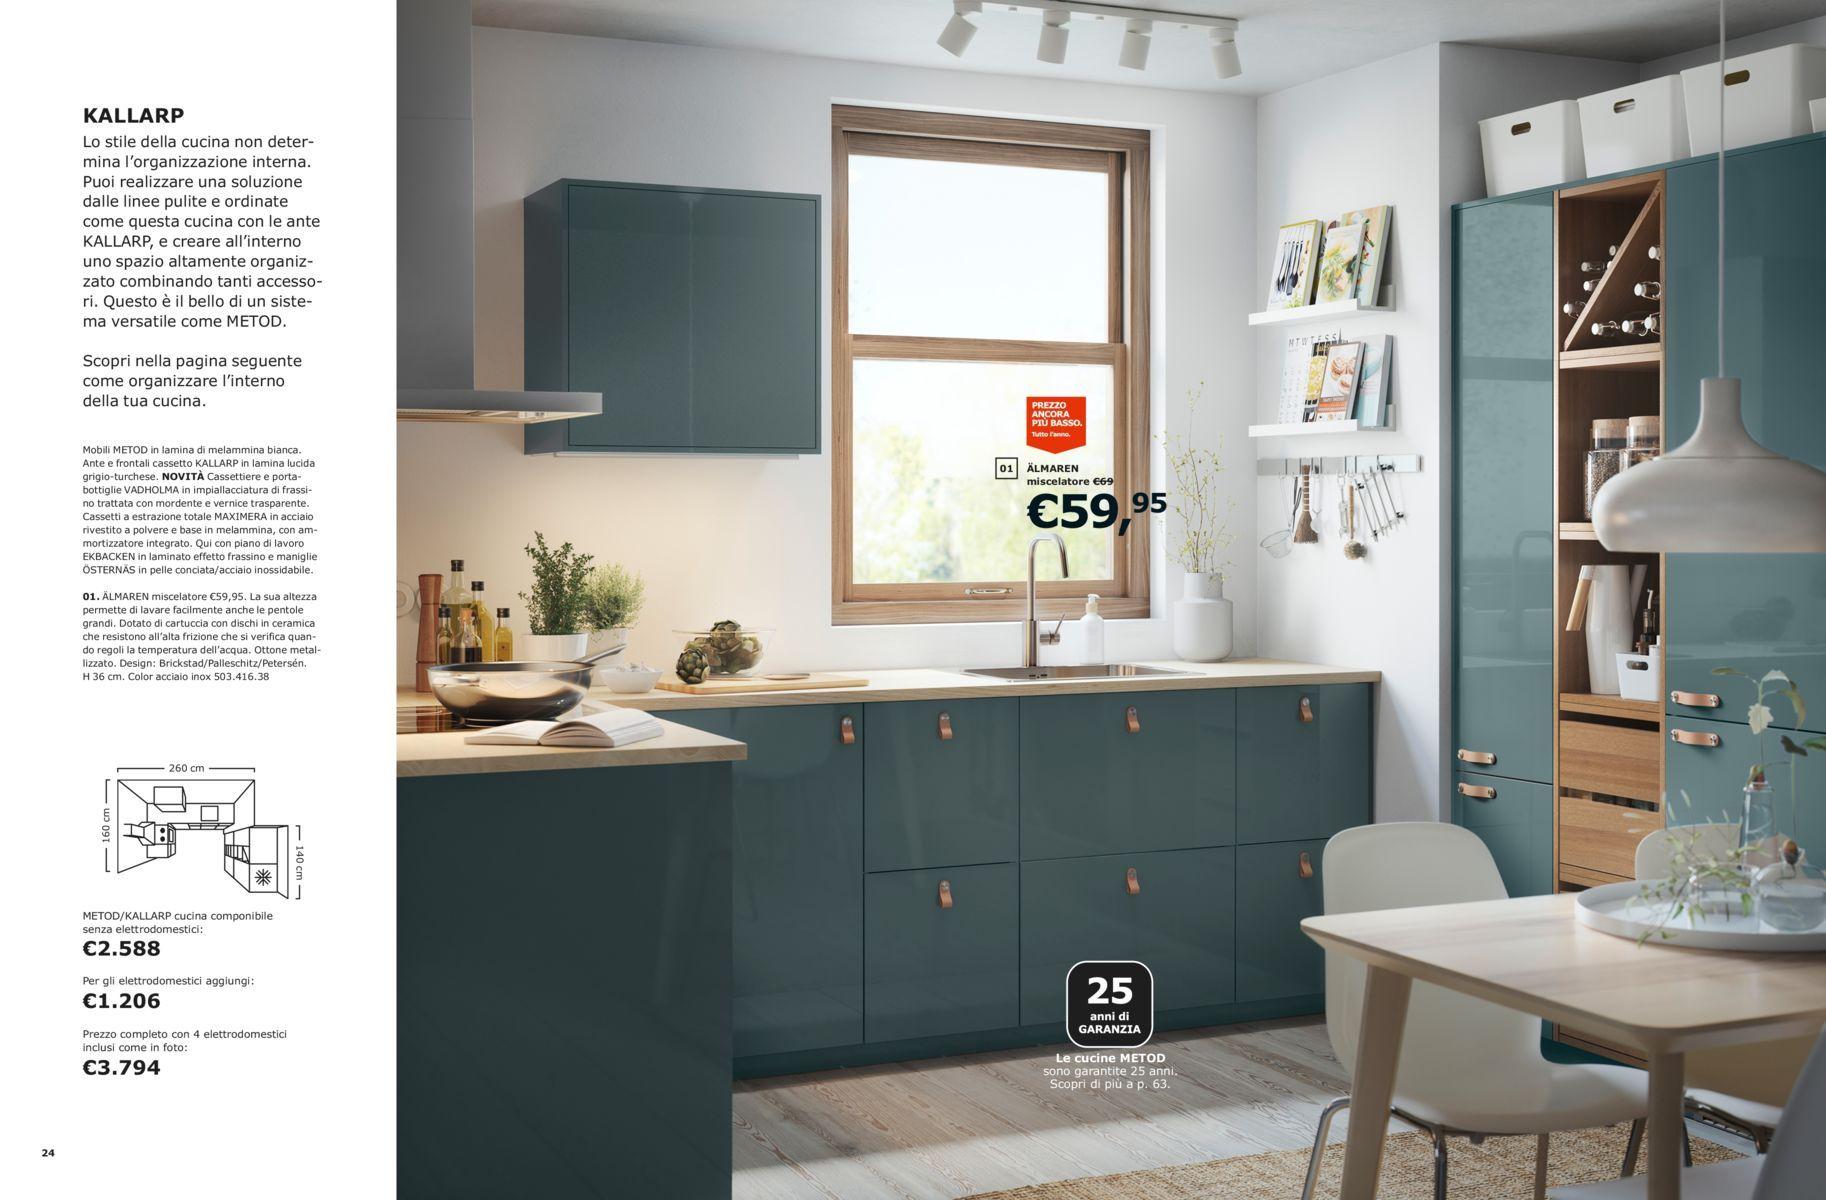 Altezza Cucina Ikea catalogo online e brochure (con immagini) | arredamento